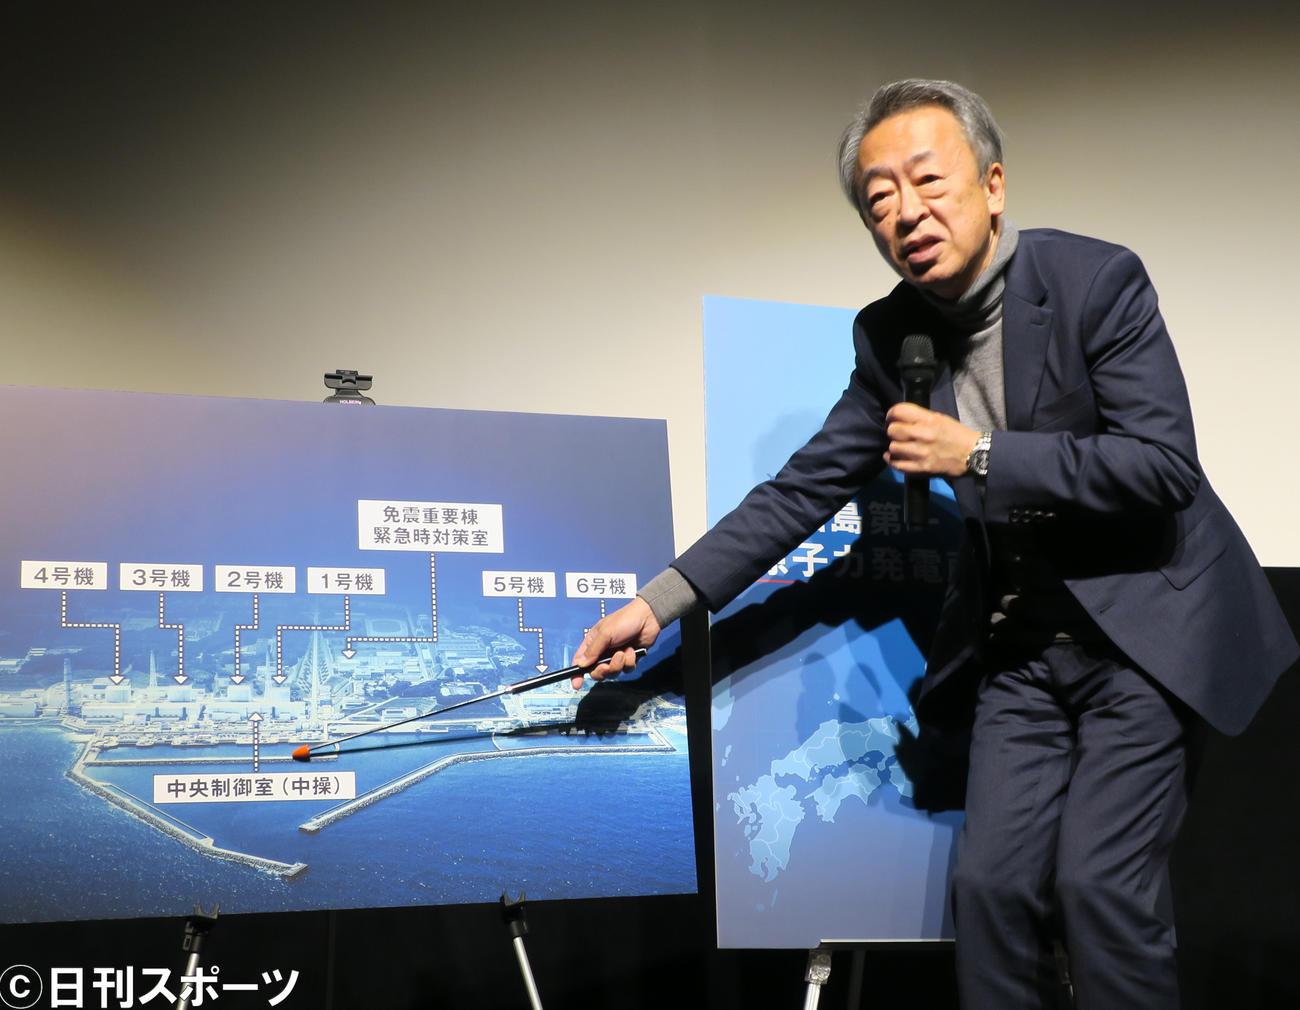 映画「Fukushima50」トークイベントで生解説を行ったジャーナリスト池上彰氏